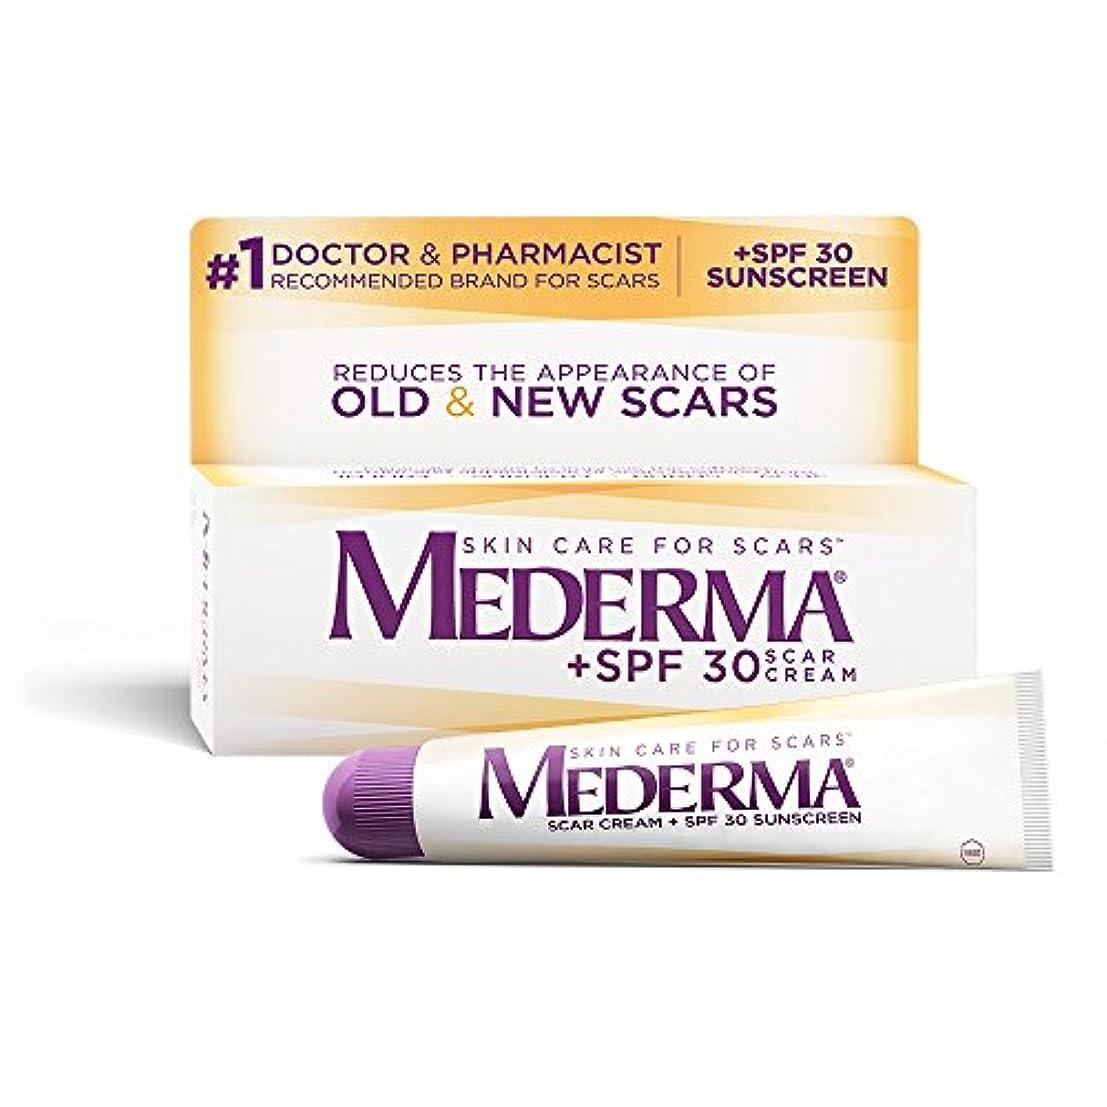 証明書バースに同意する新発売 Mederma社 日焼け止め成分SPF30配合 メドロマ(メデルマ) 1本 20g 海外直送品